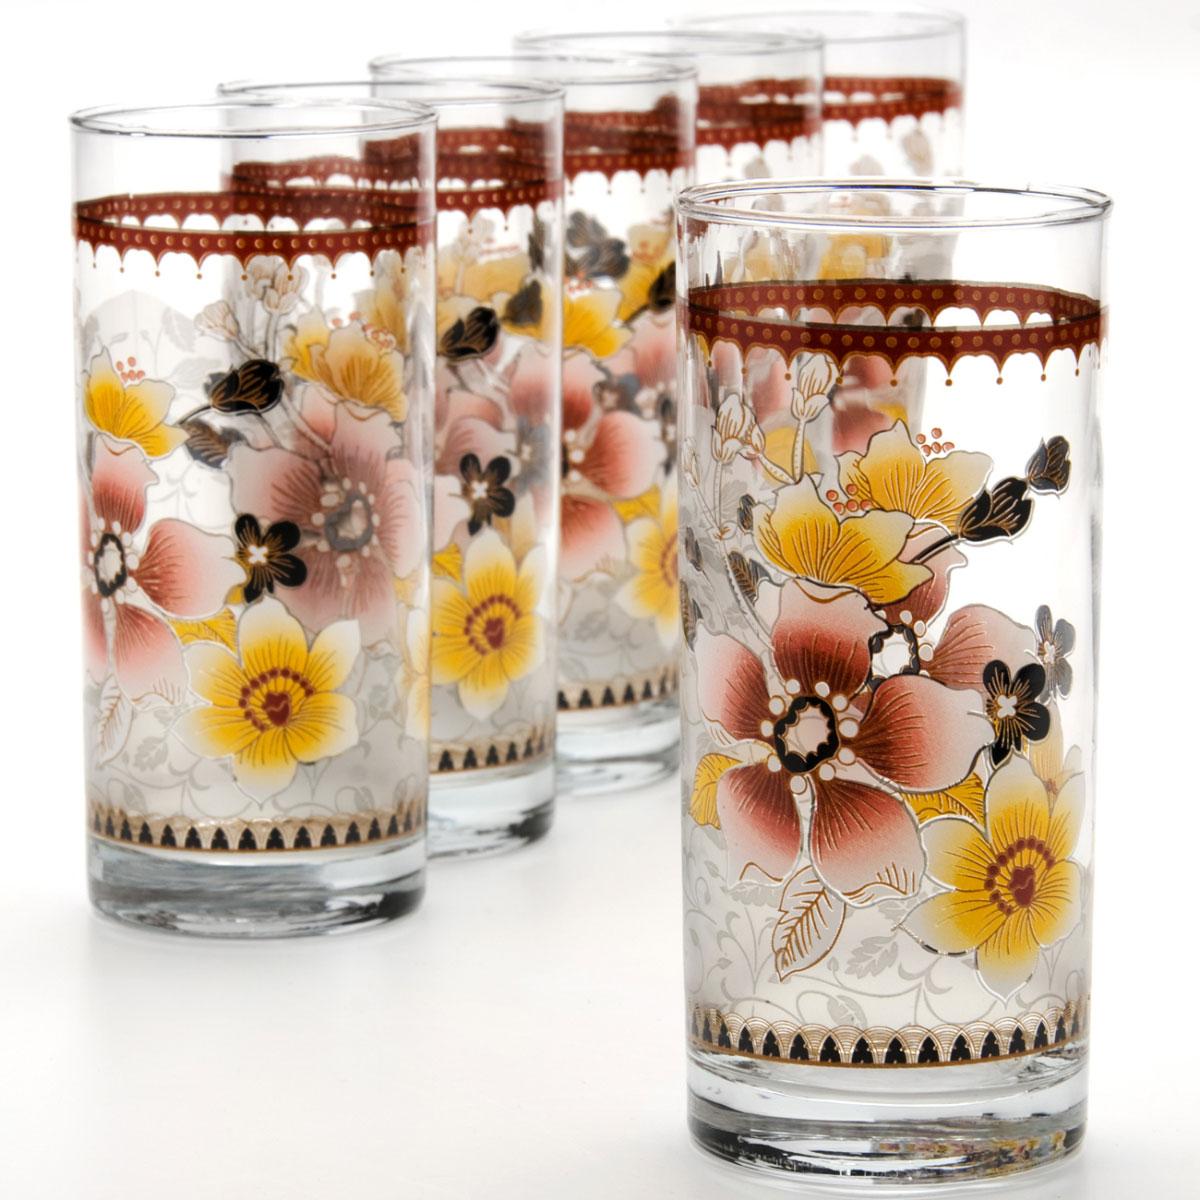 Набор стаканов Mayer & Boch, 370 мл, 6 шт. 2407624076Набор, состоящий из шести стаканов, несомненно, придется вам по душе. Стаканы выполнены из высококачественного стекла в мягких тонах с оригинальным цветочным узором. Благодаря такому набору пить напитки будет еще вкуснее. Набор стаканов Loraine станет также отличным подарком на любой праздник. Подходит для горячих и холодных напитков